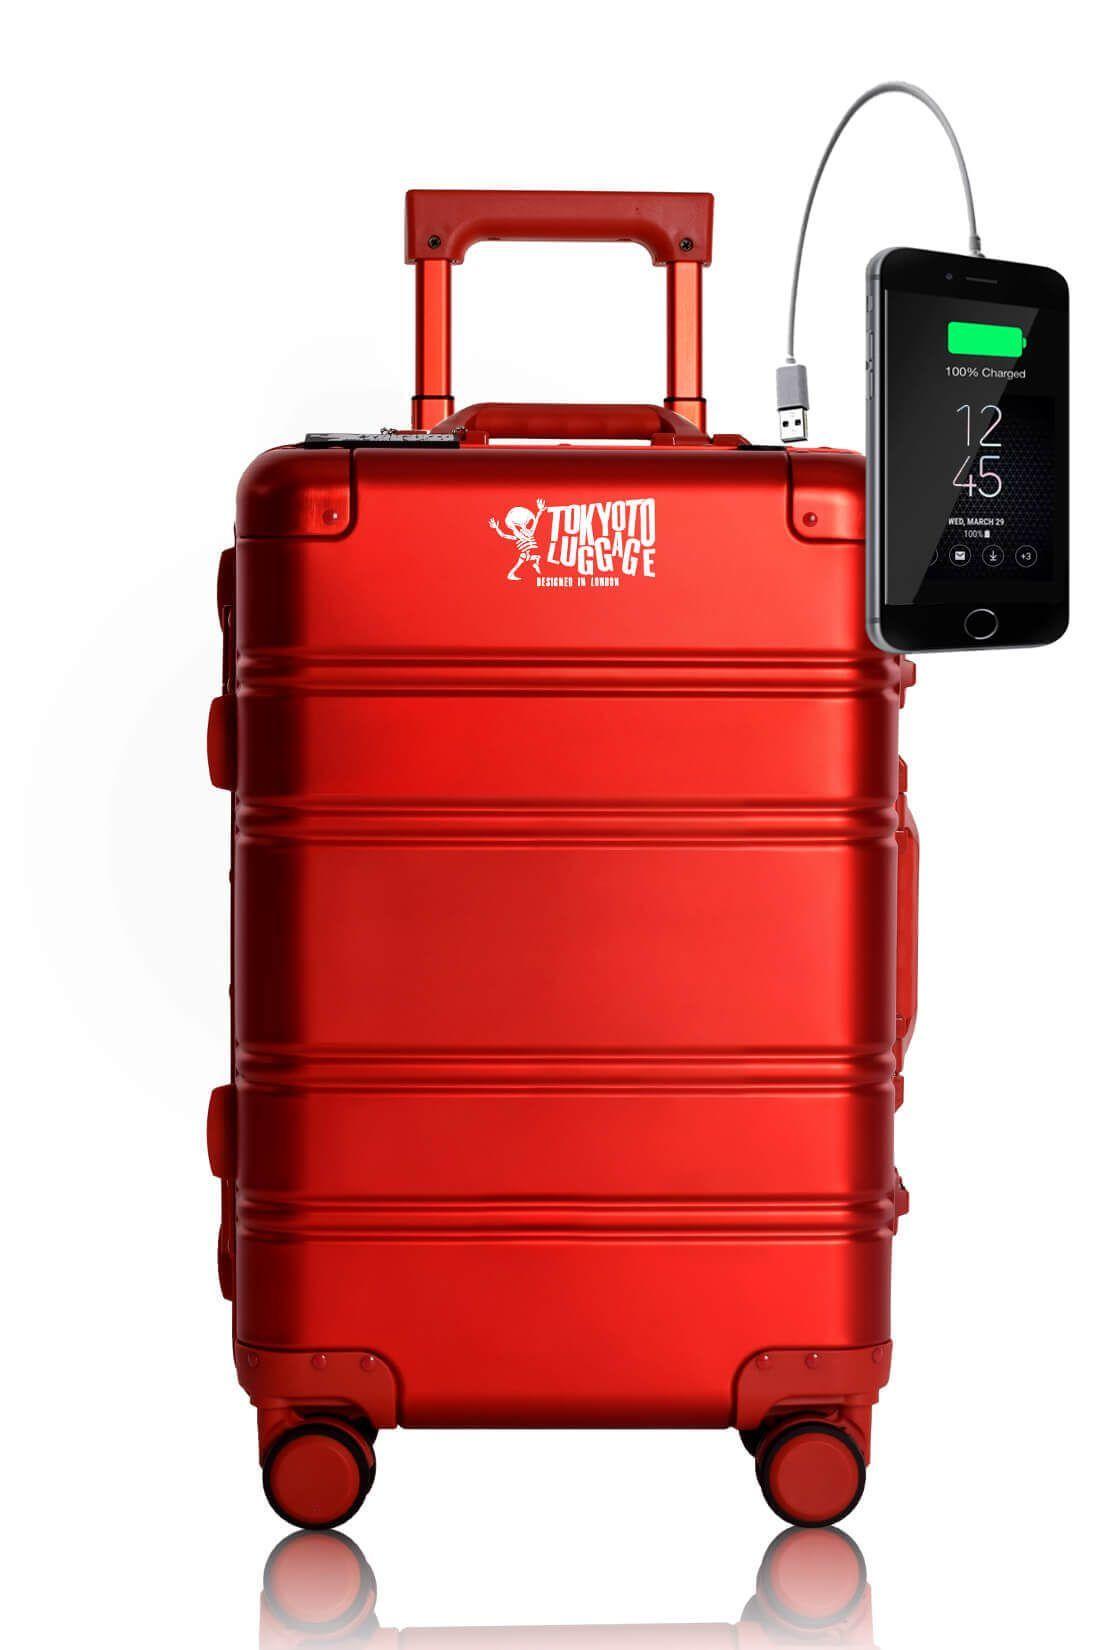 Web RED LOGO Maleta de Cabina con Cargador para Movil